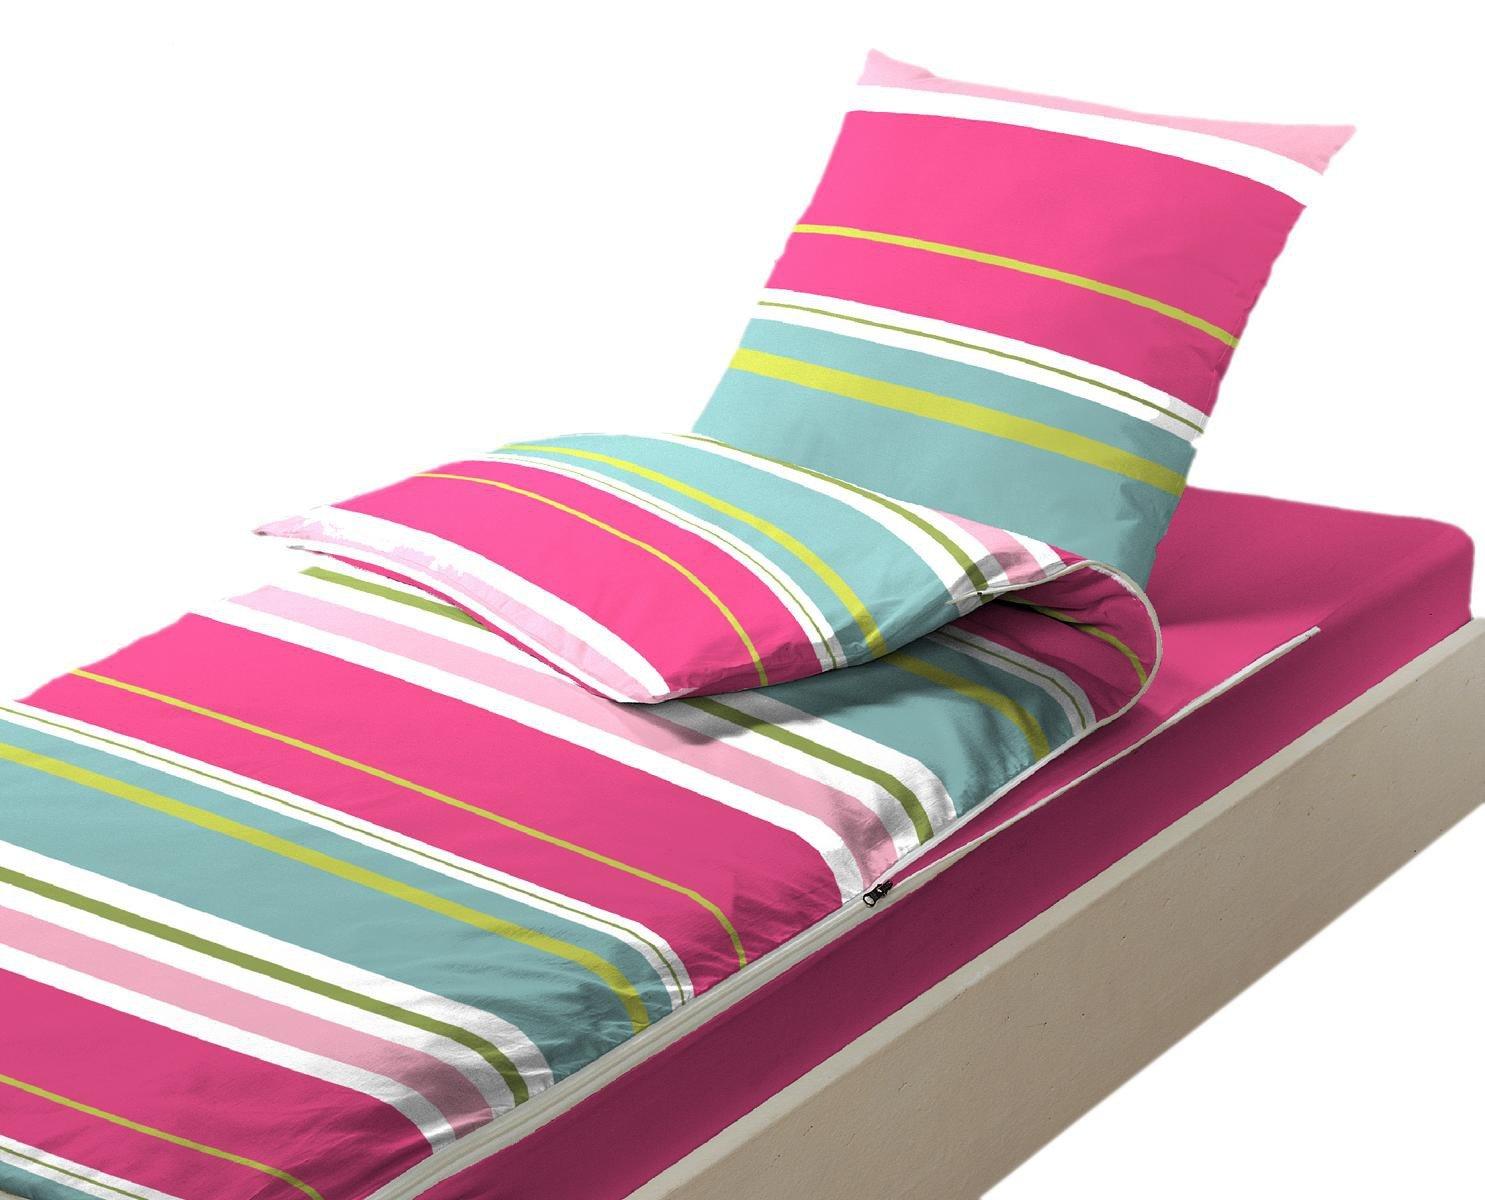 drap des enfants. Black Bedroom Furniture Sets. Home Design Ideas